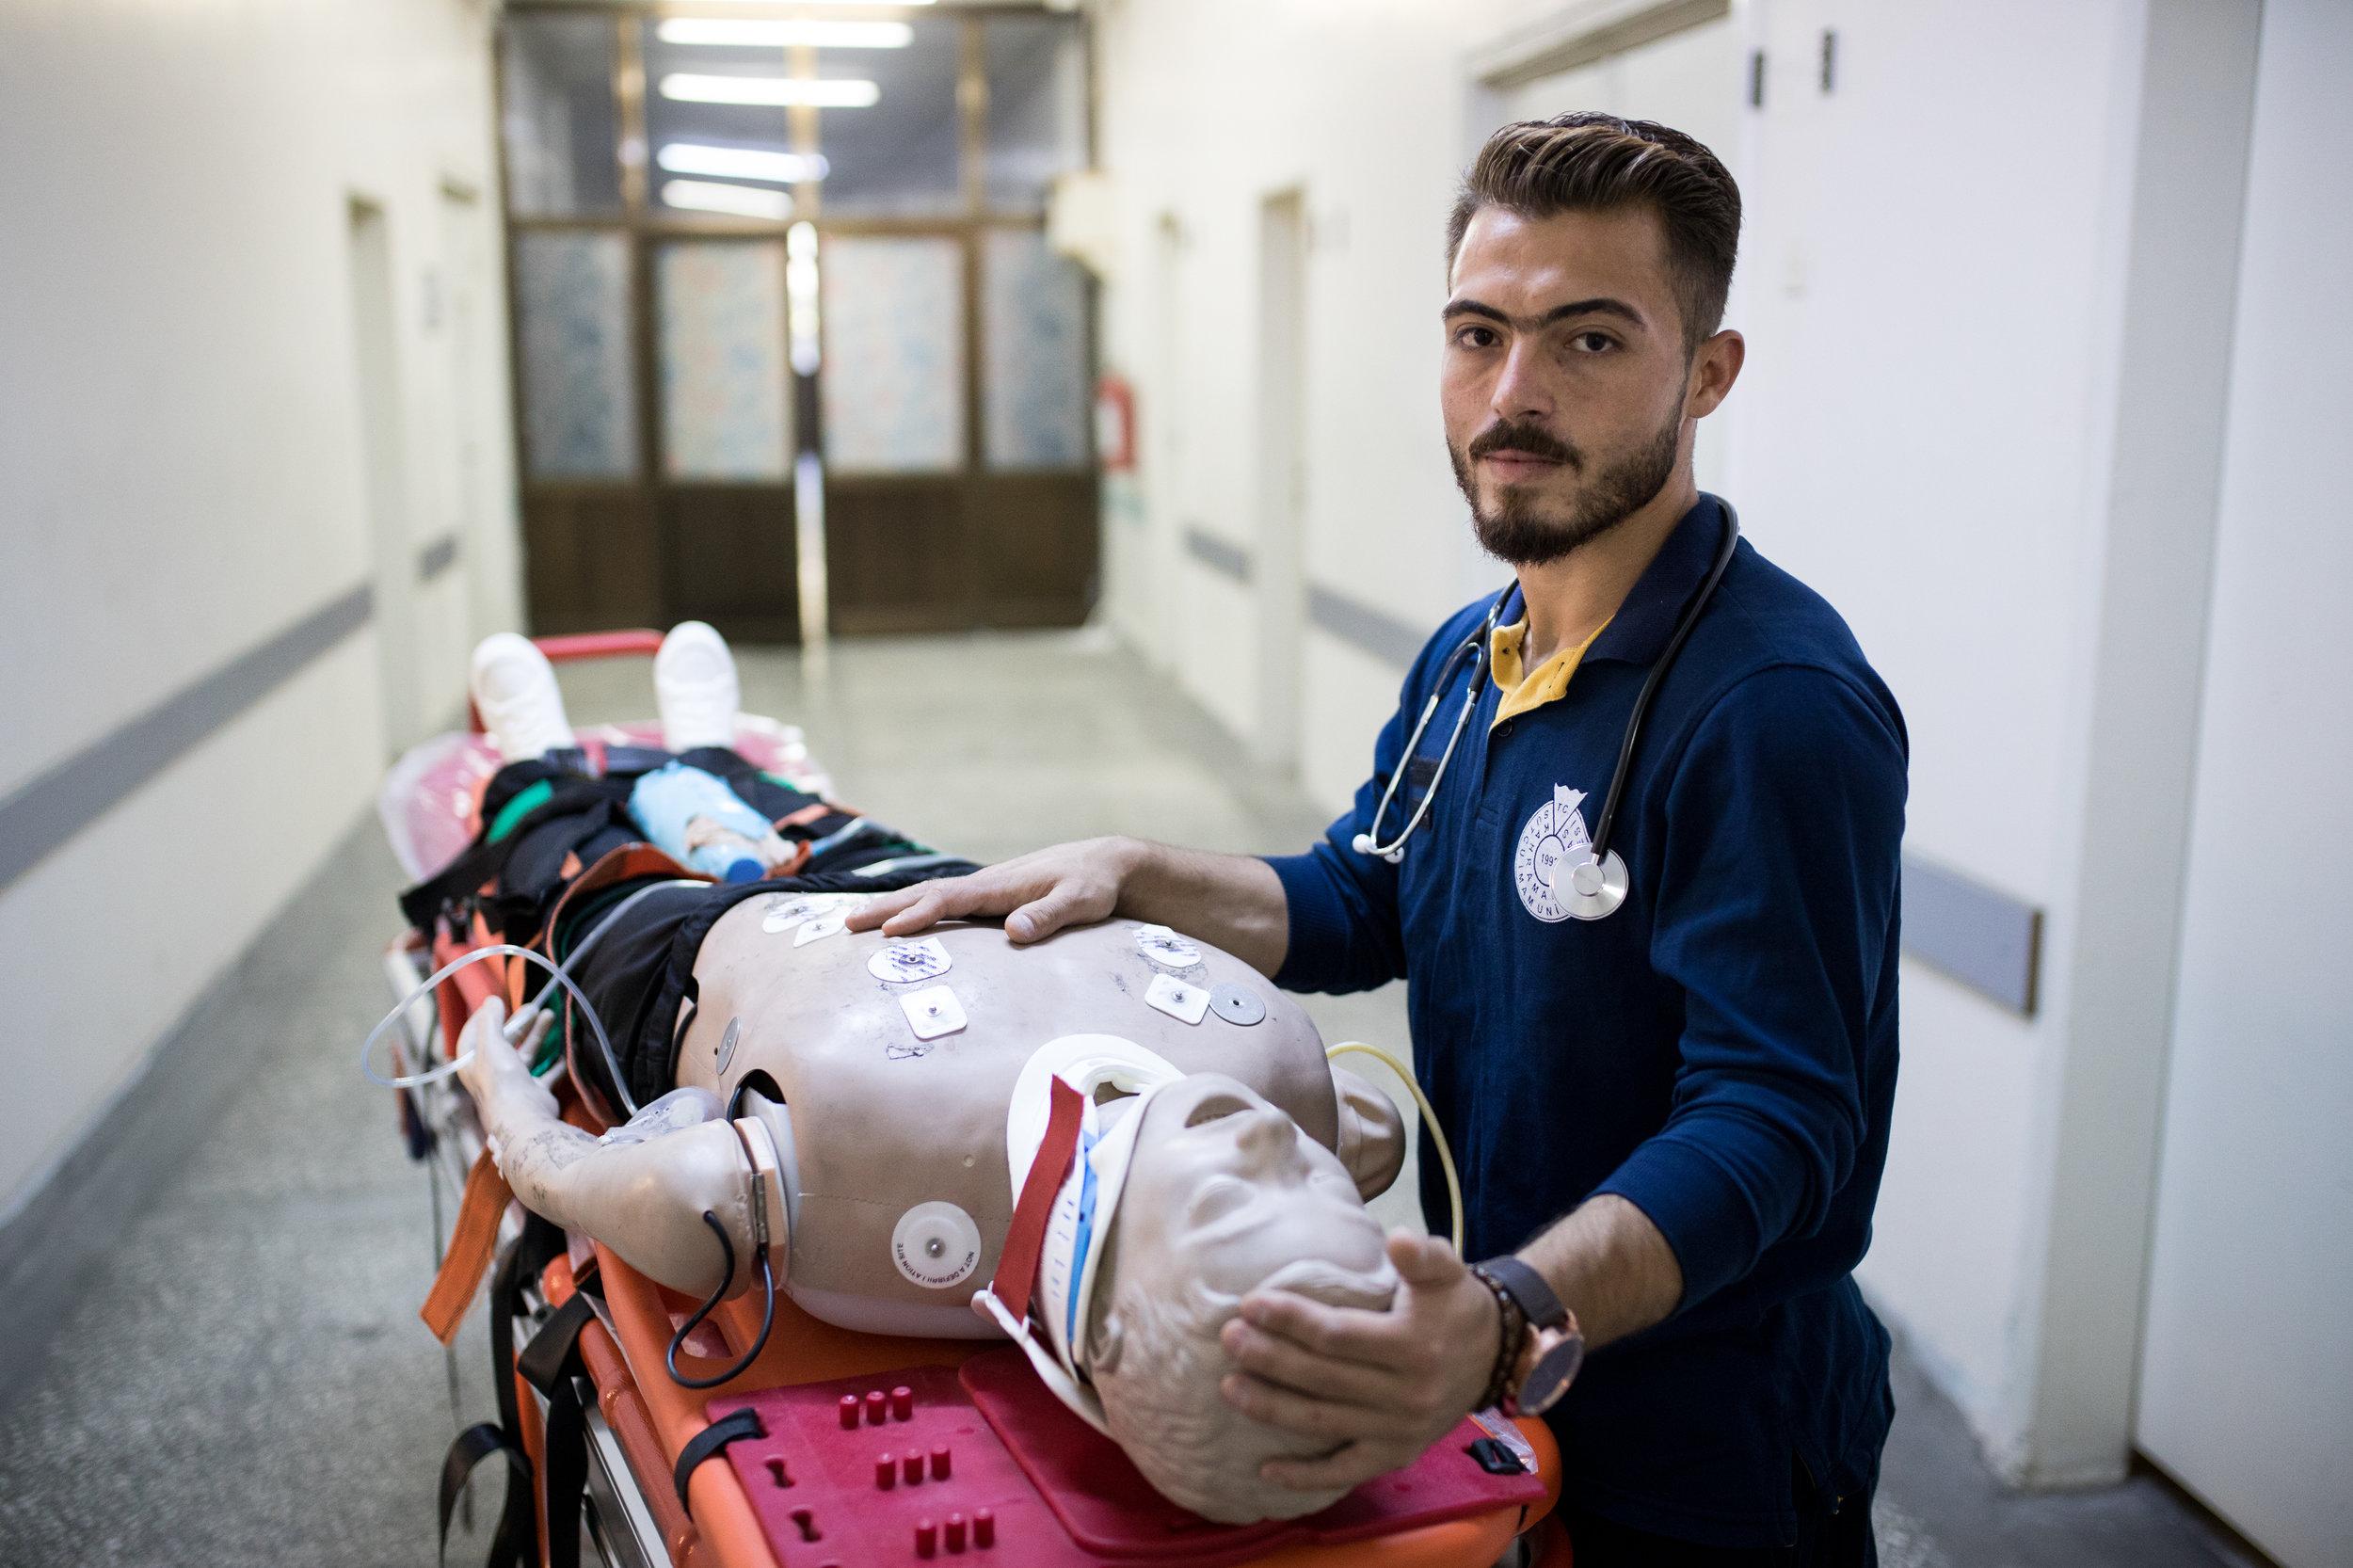 2018-07-02_Muhamed Najar, 24, Paramedic at Sütçü Imam Uni, Kaharamarmas, TK_0547.jpg